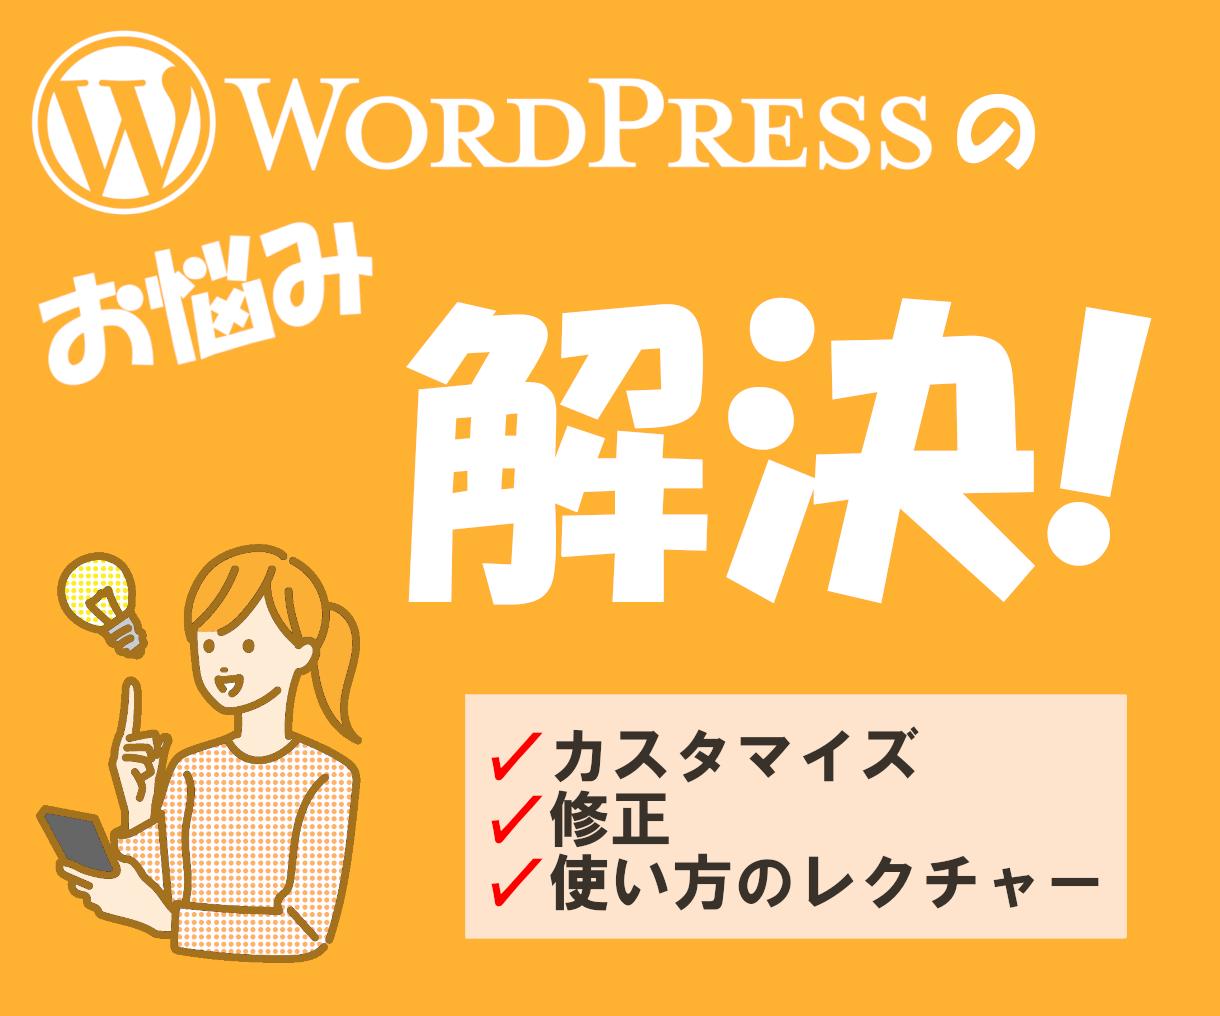 WordPressのお悩み解決します カスタマイズ、修正、使い方のレクチャーなど承ります イメージ1